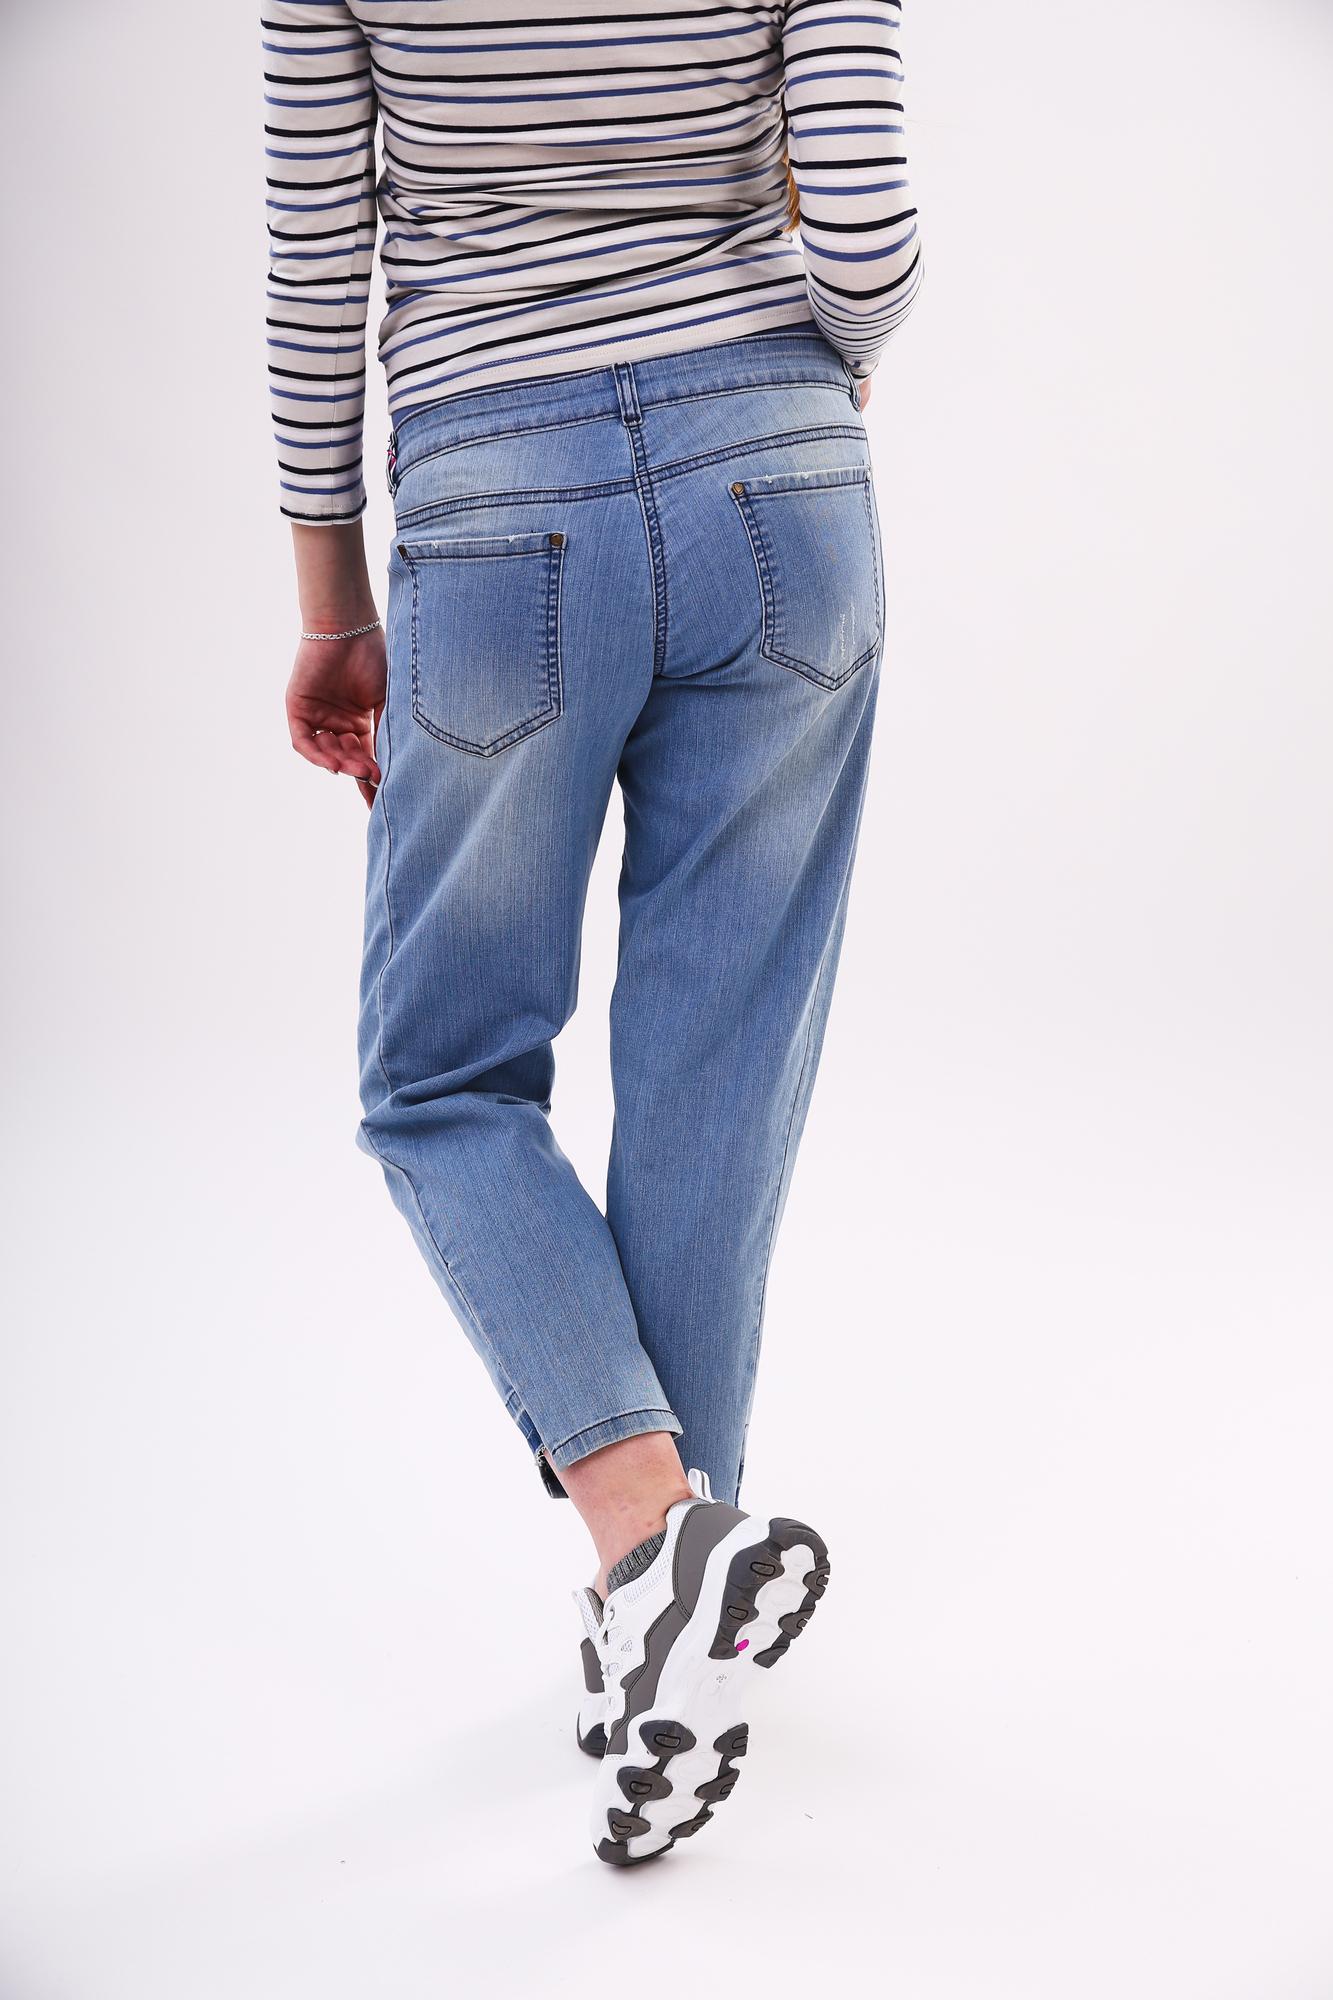 Фото джинсы-бойфренды для беременных MAMA`S FANTASY, укороченные, трикотажная вставка от магазина СкороМама, голубой, размеры.